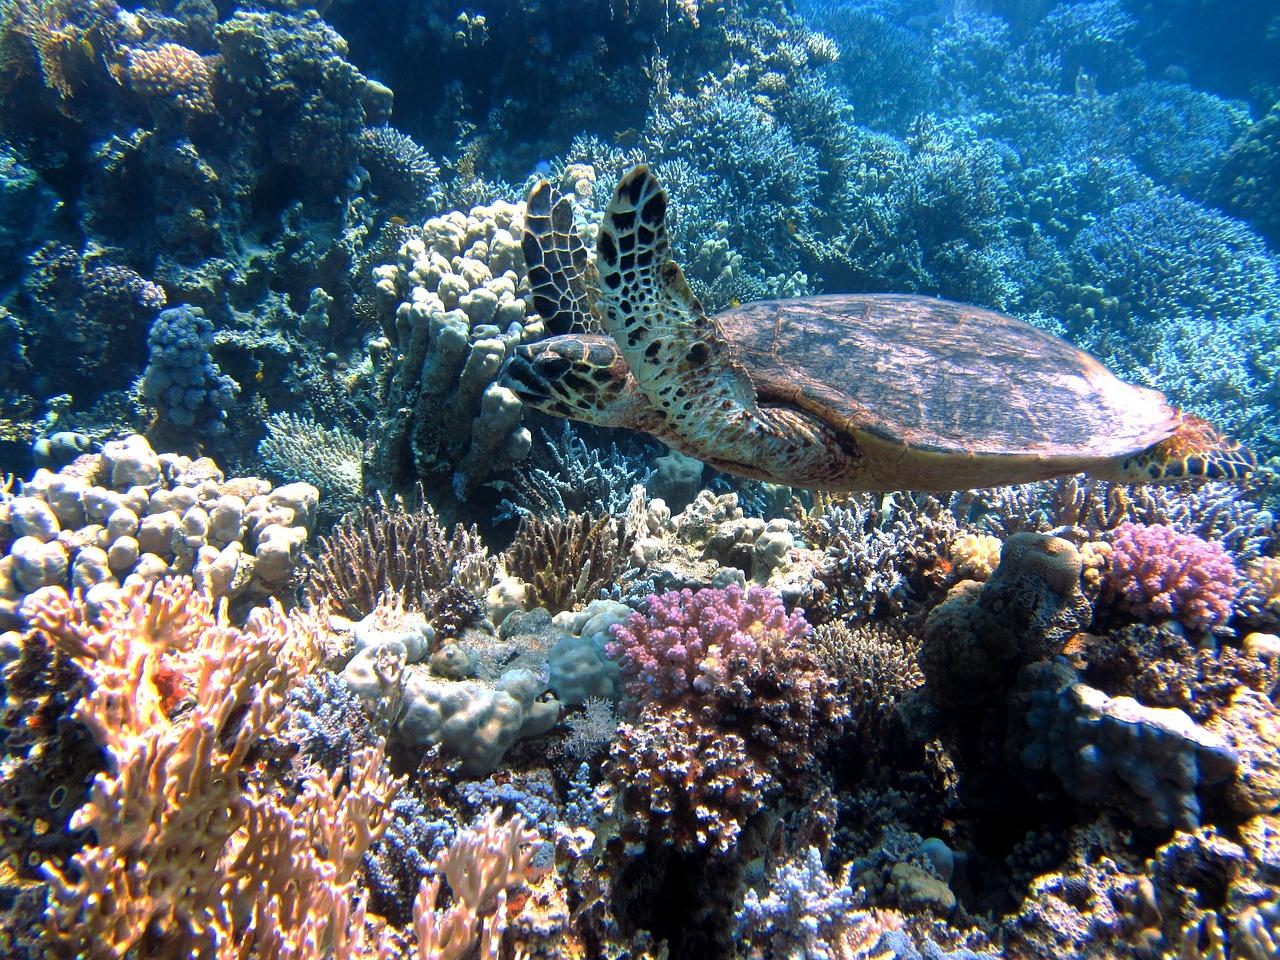 turtle-185484_1280.jpg